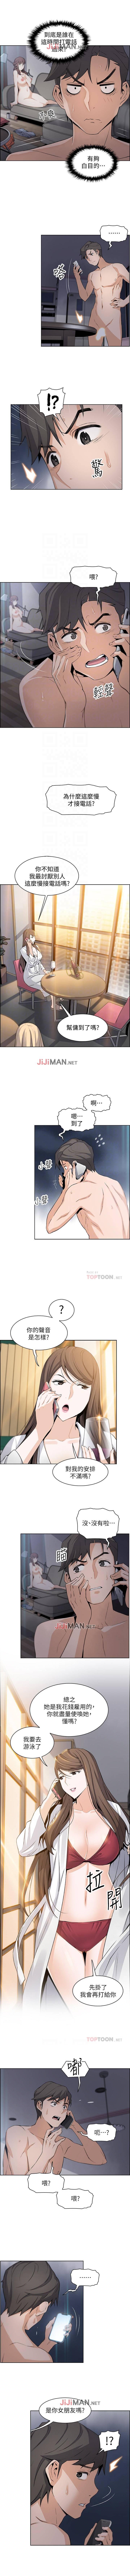 【周四连载】前女友变女佣(作者:PAPER&頸枕) 第1~33话 93